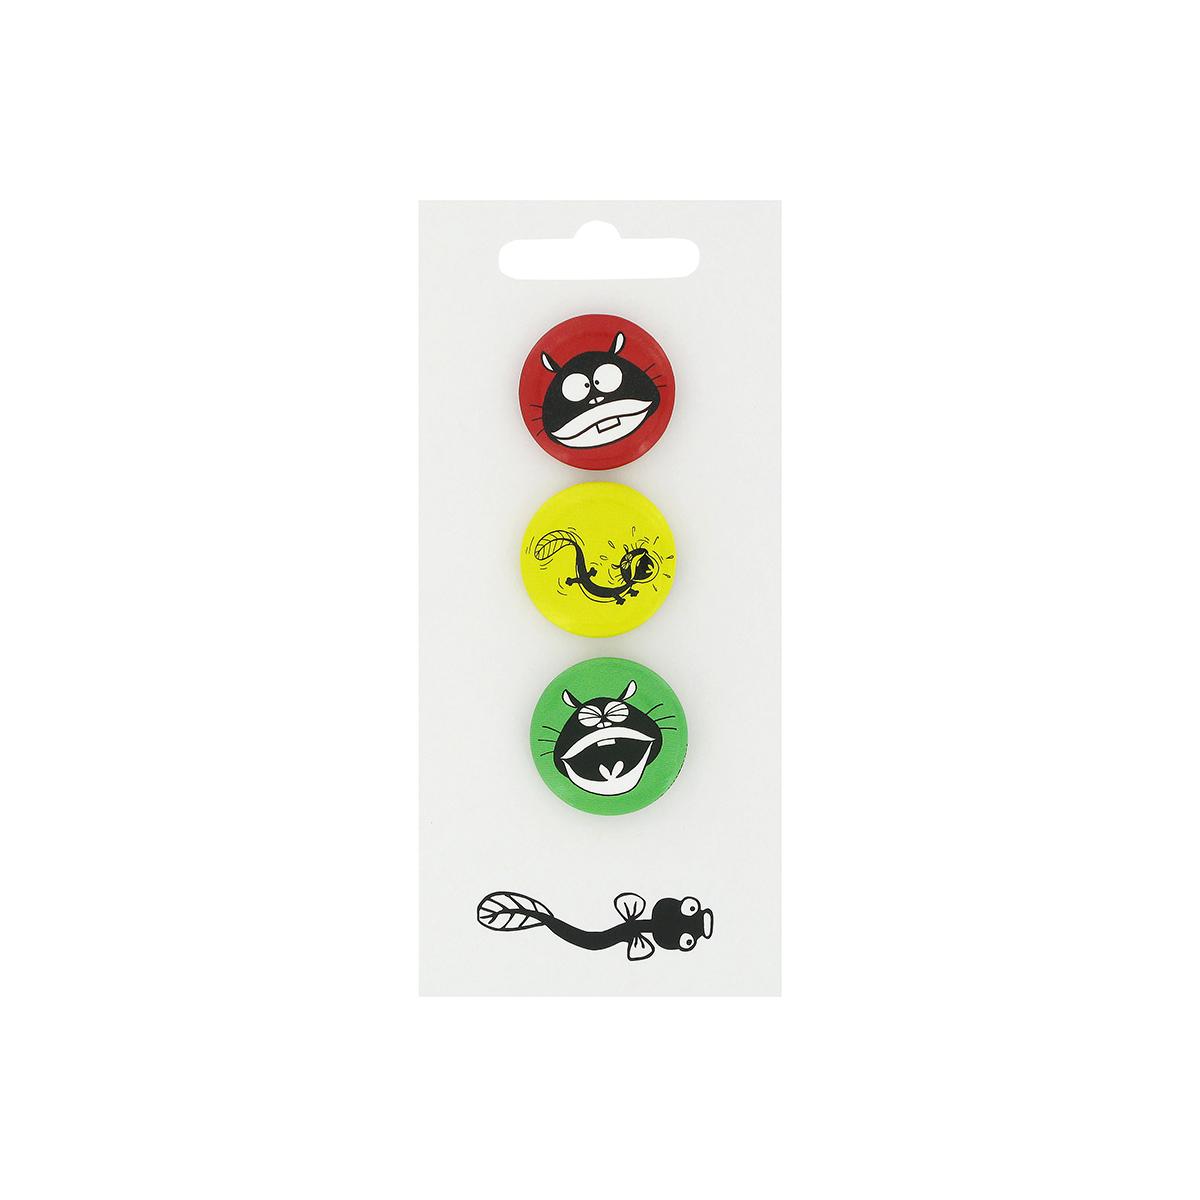 Eel Dog pin badges